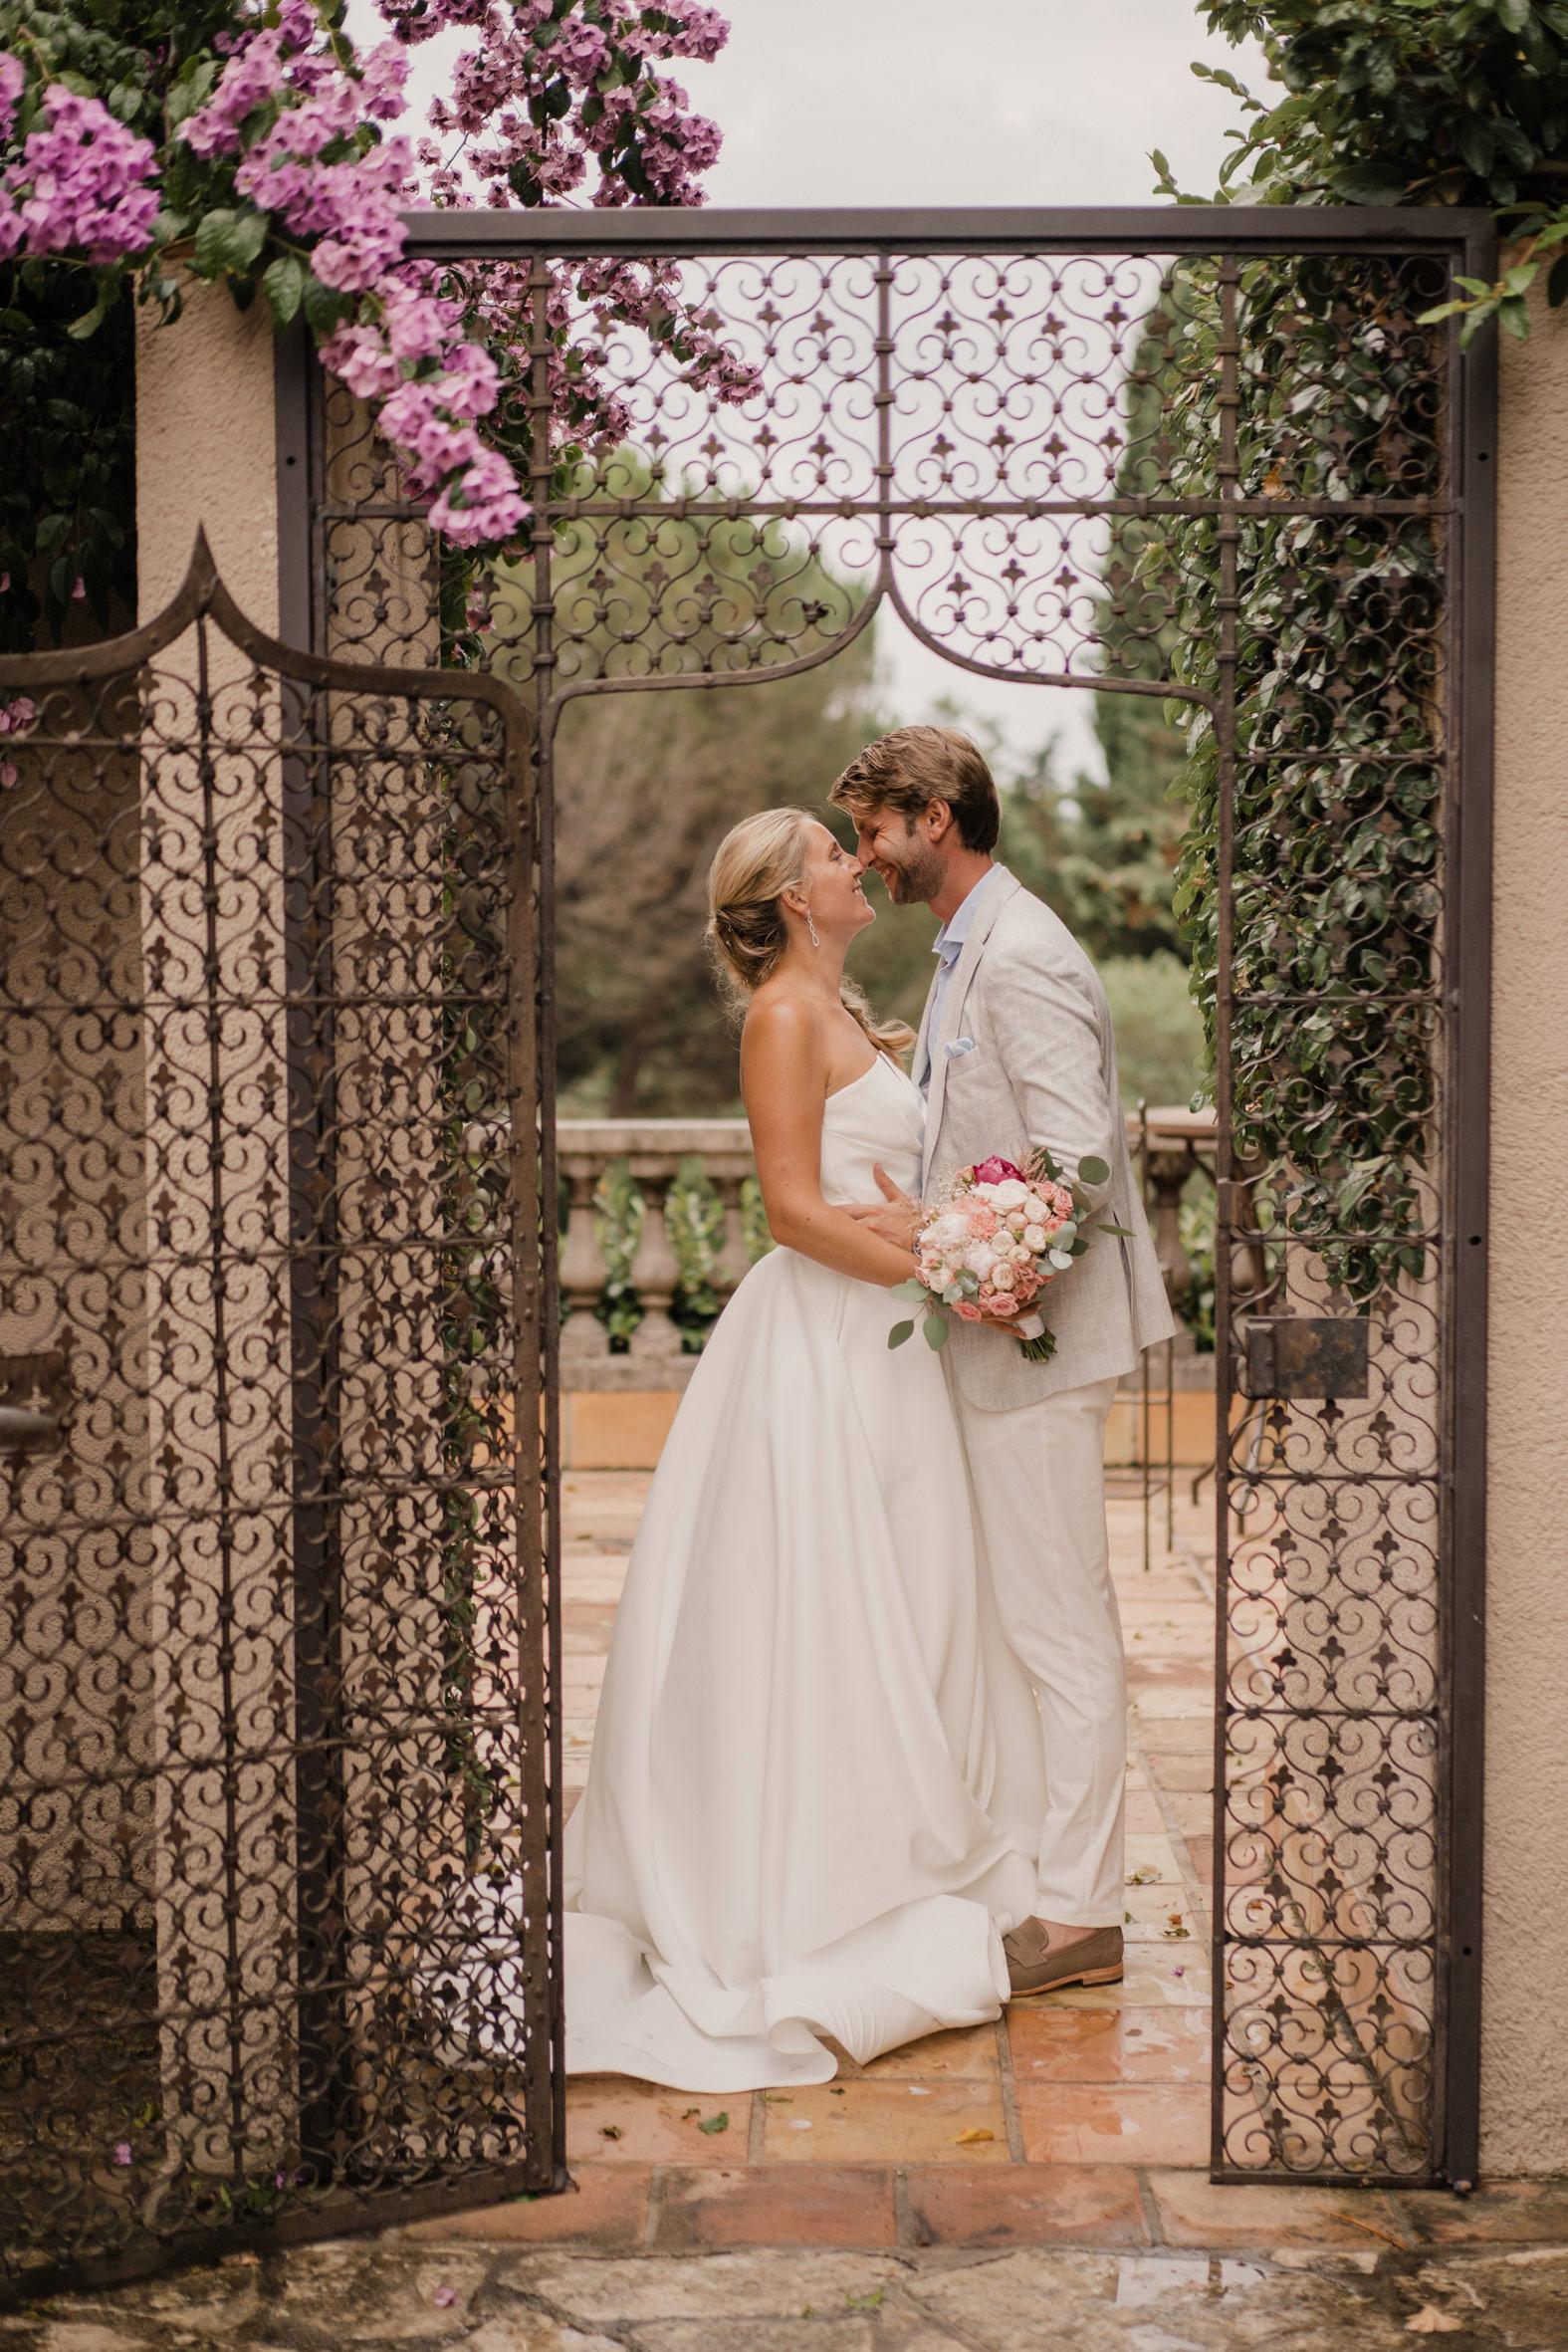 photographe_mariage_luxembourg_parc_lenotre_lorraine_n2